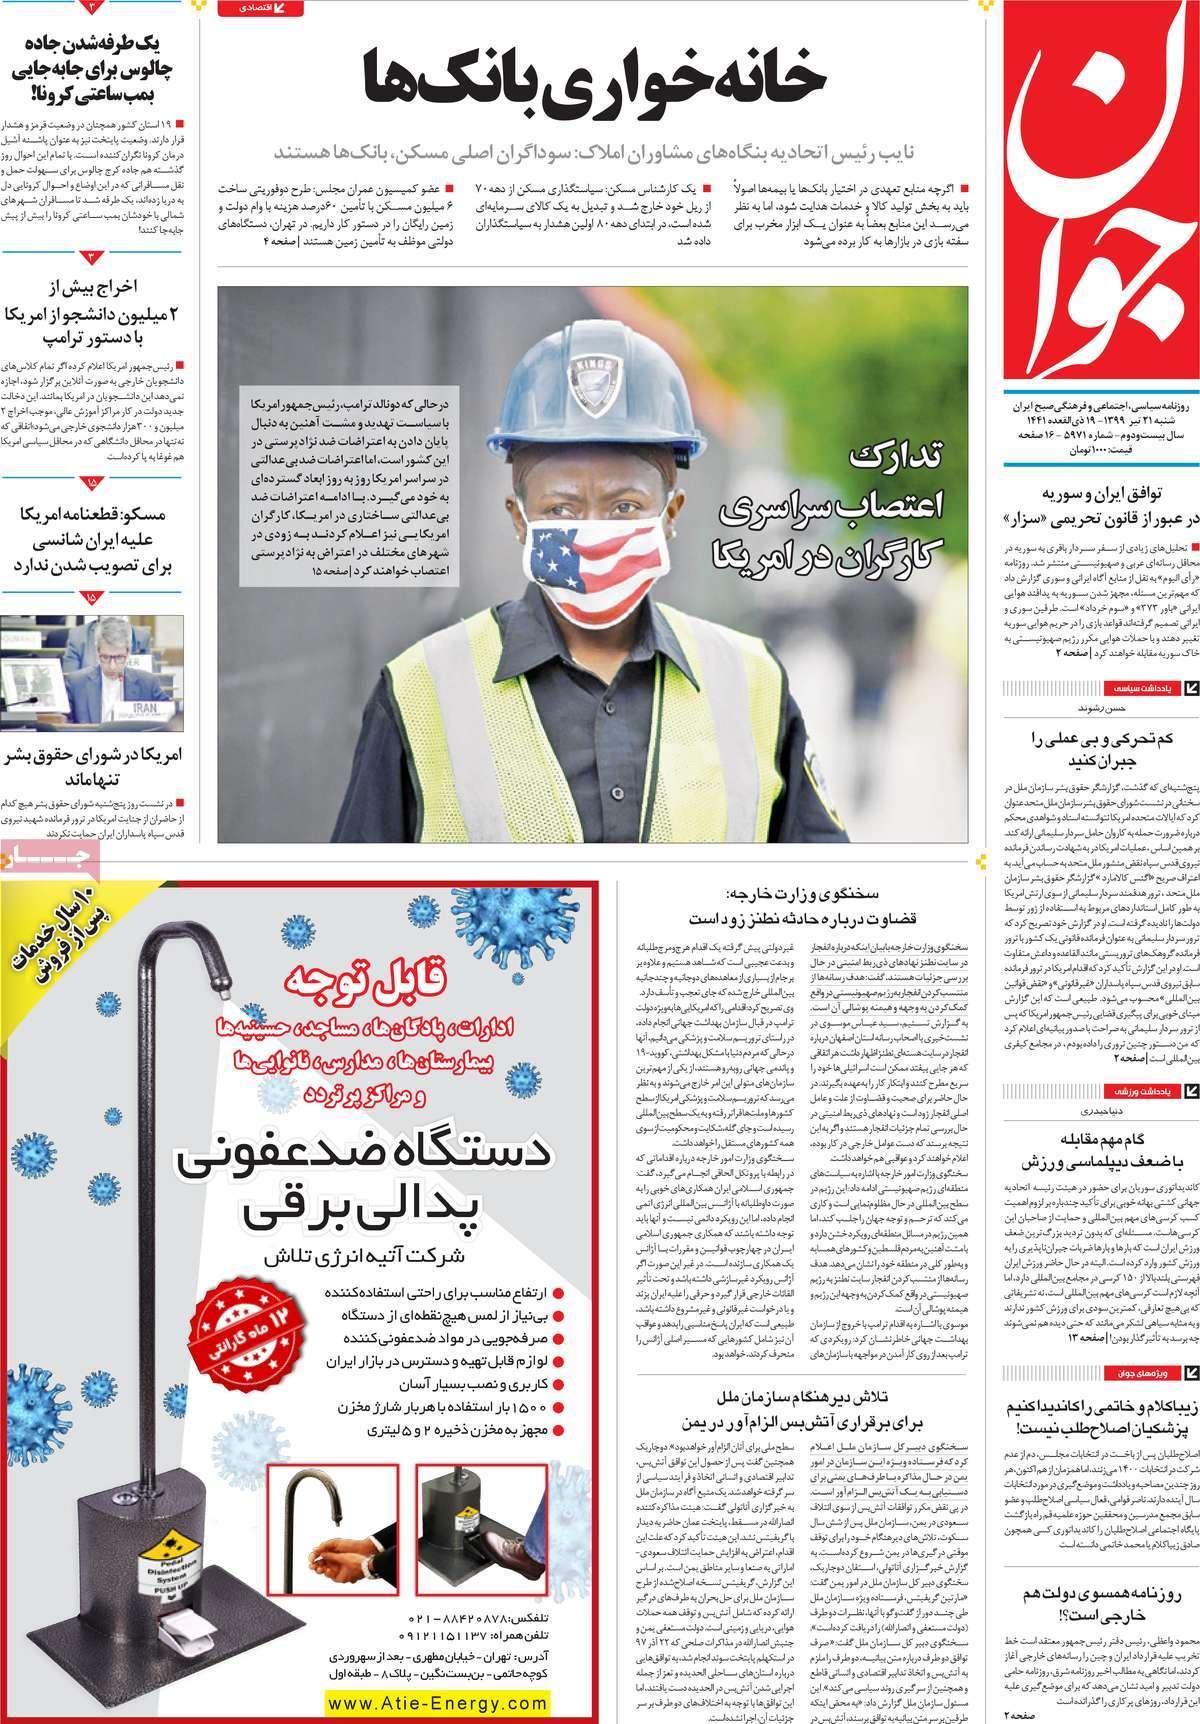 Um olhar sobre as primeiras páginas dos jornais iranianos em 11 de julho 10